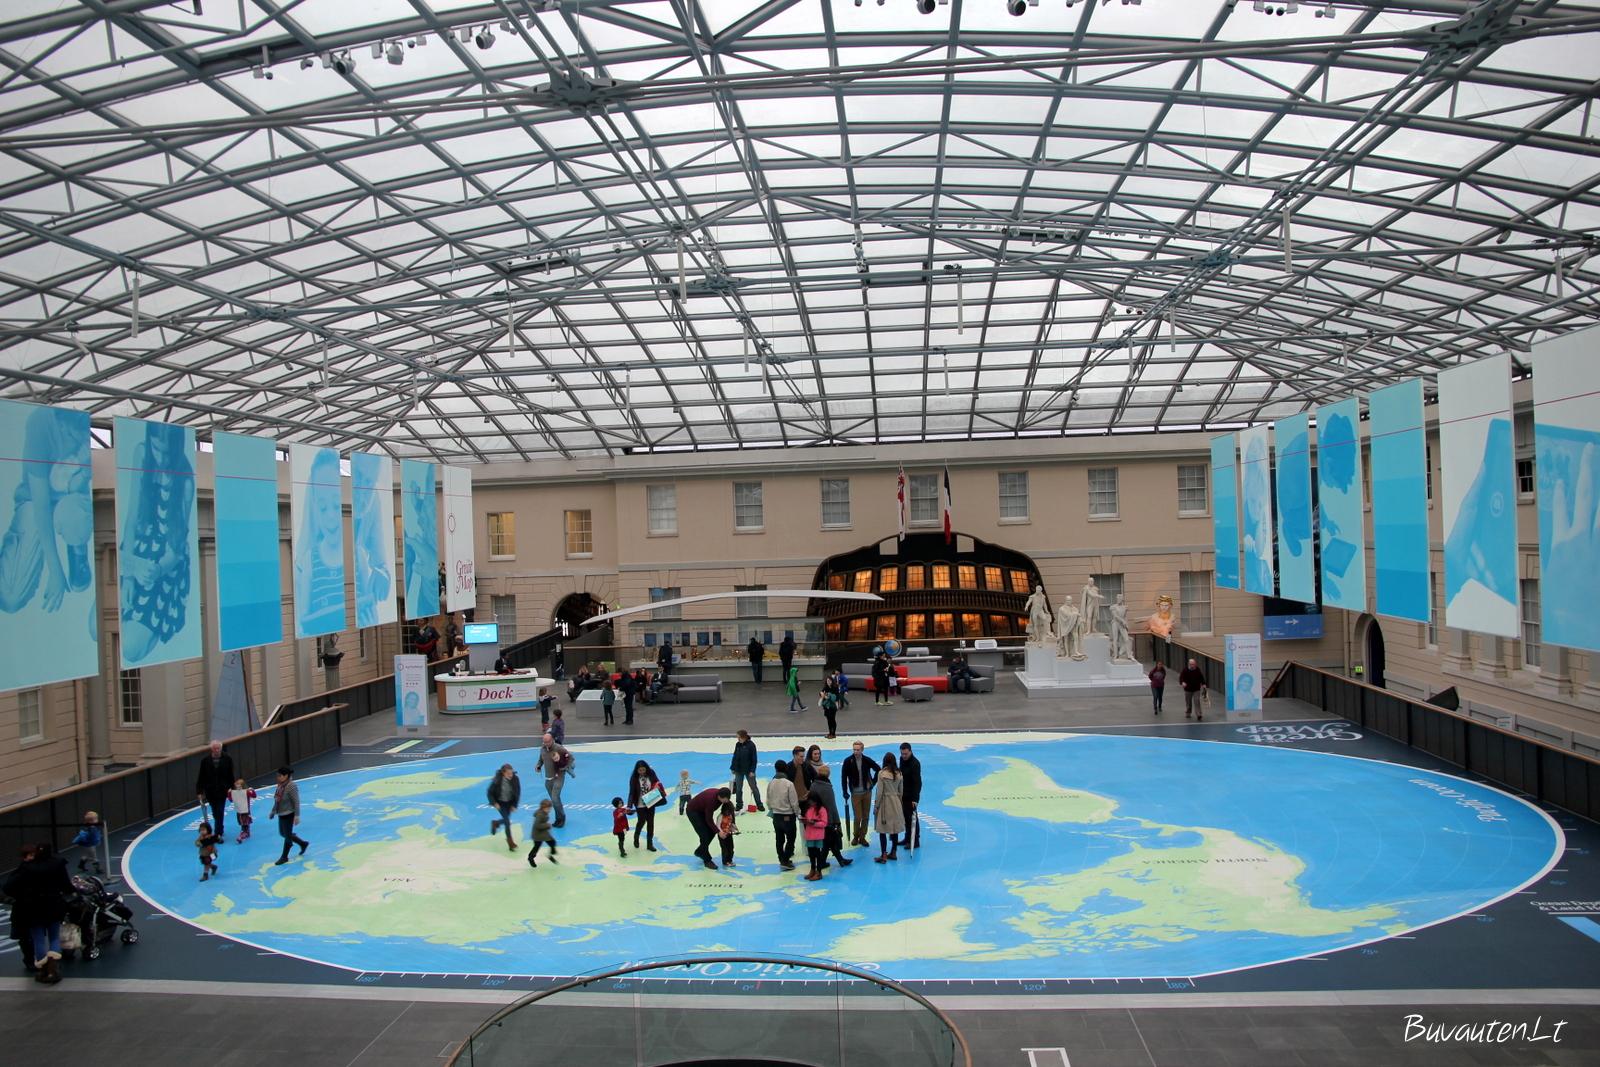 Pasaulio žemėlapis Jūreivystės muziejuje